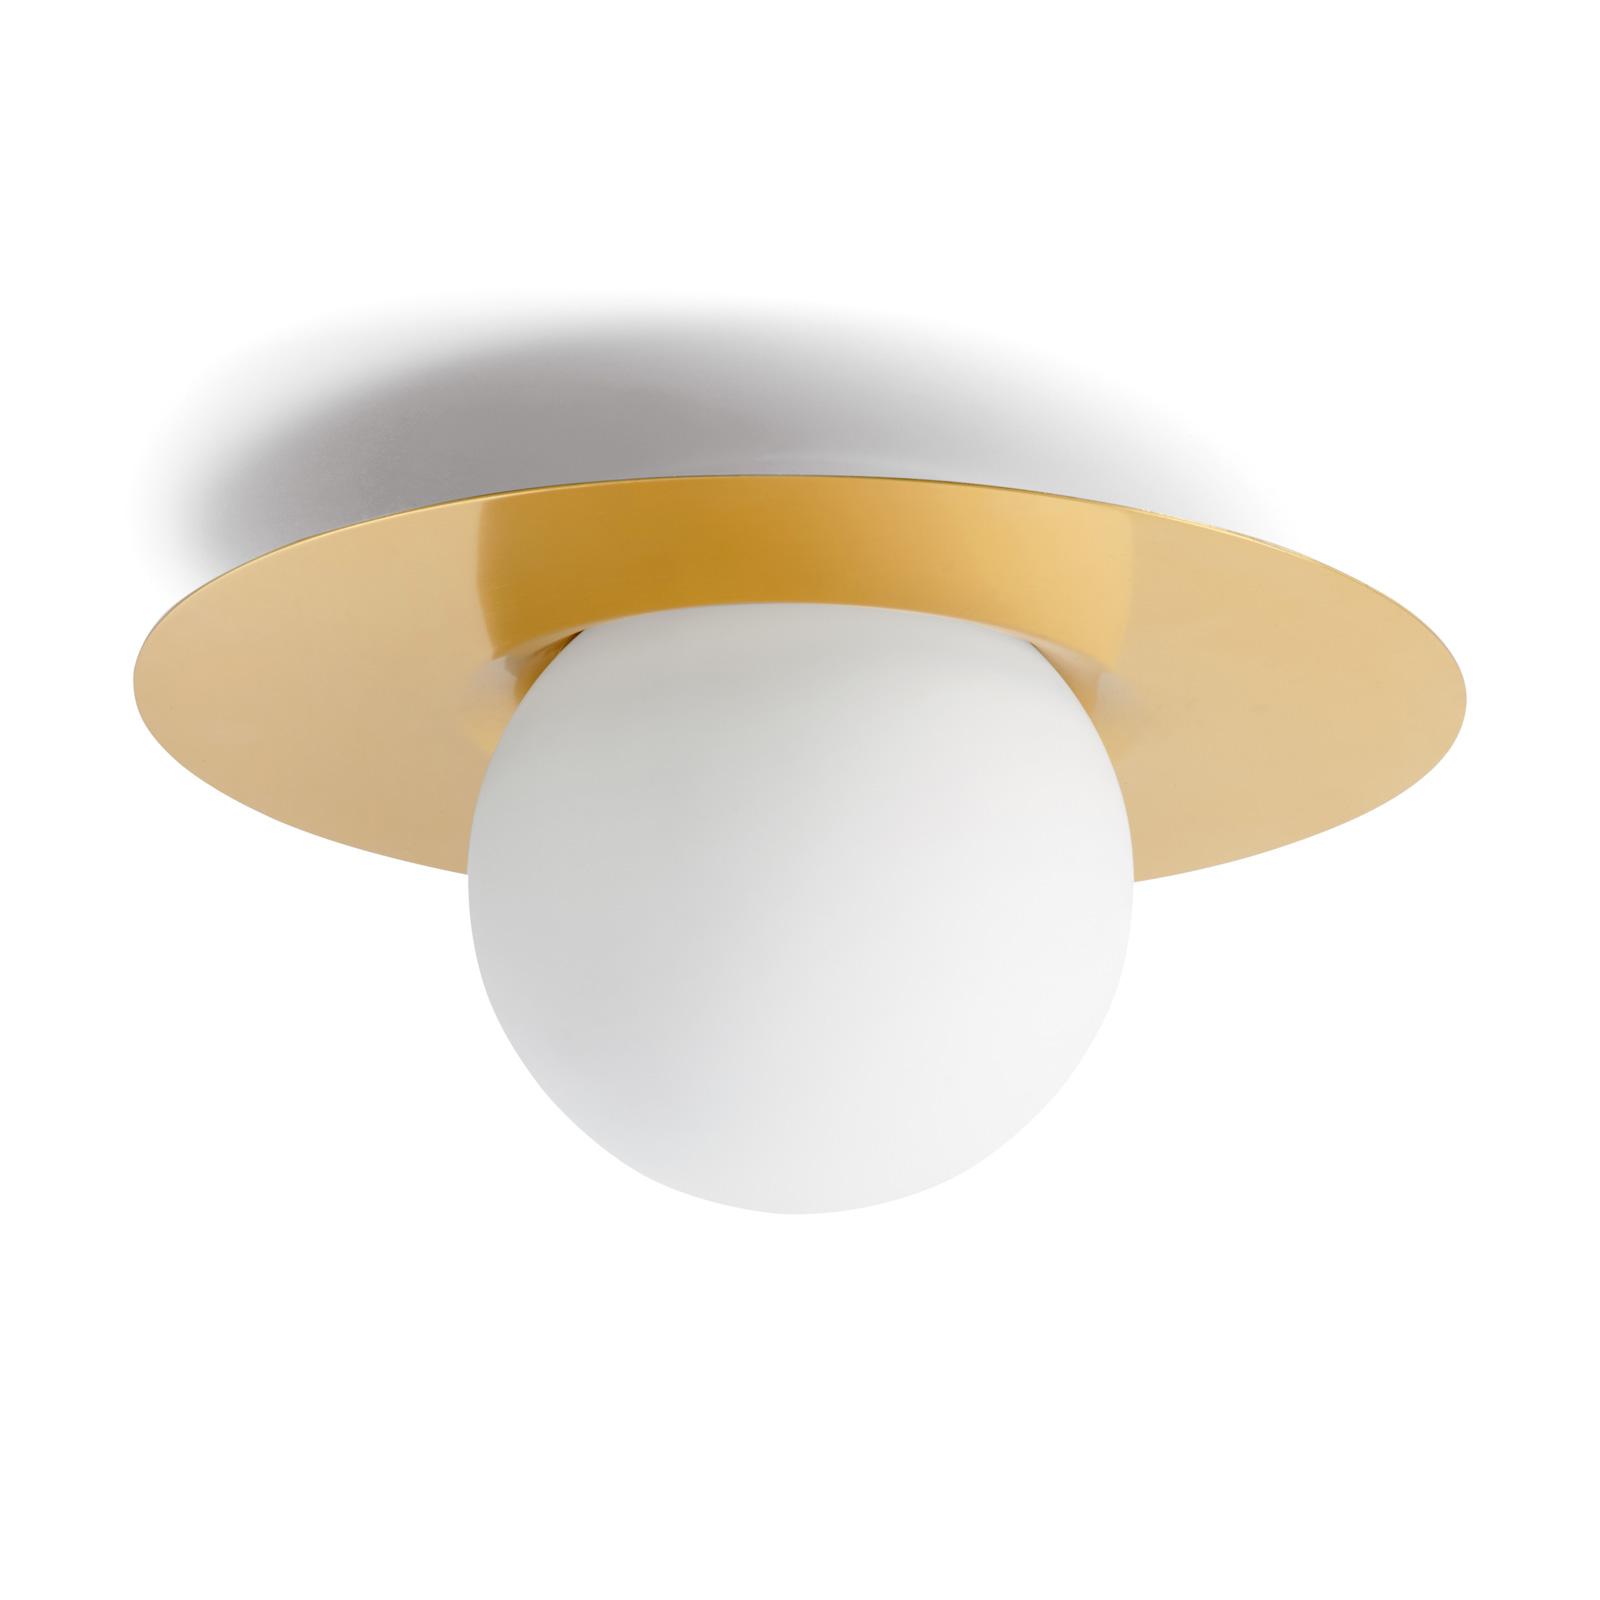 Lampa sufitowa Hat ze szkła z płytą mosiężną